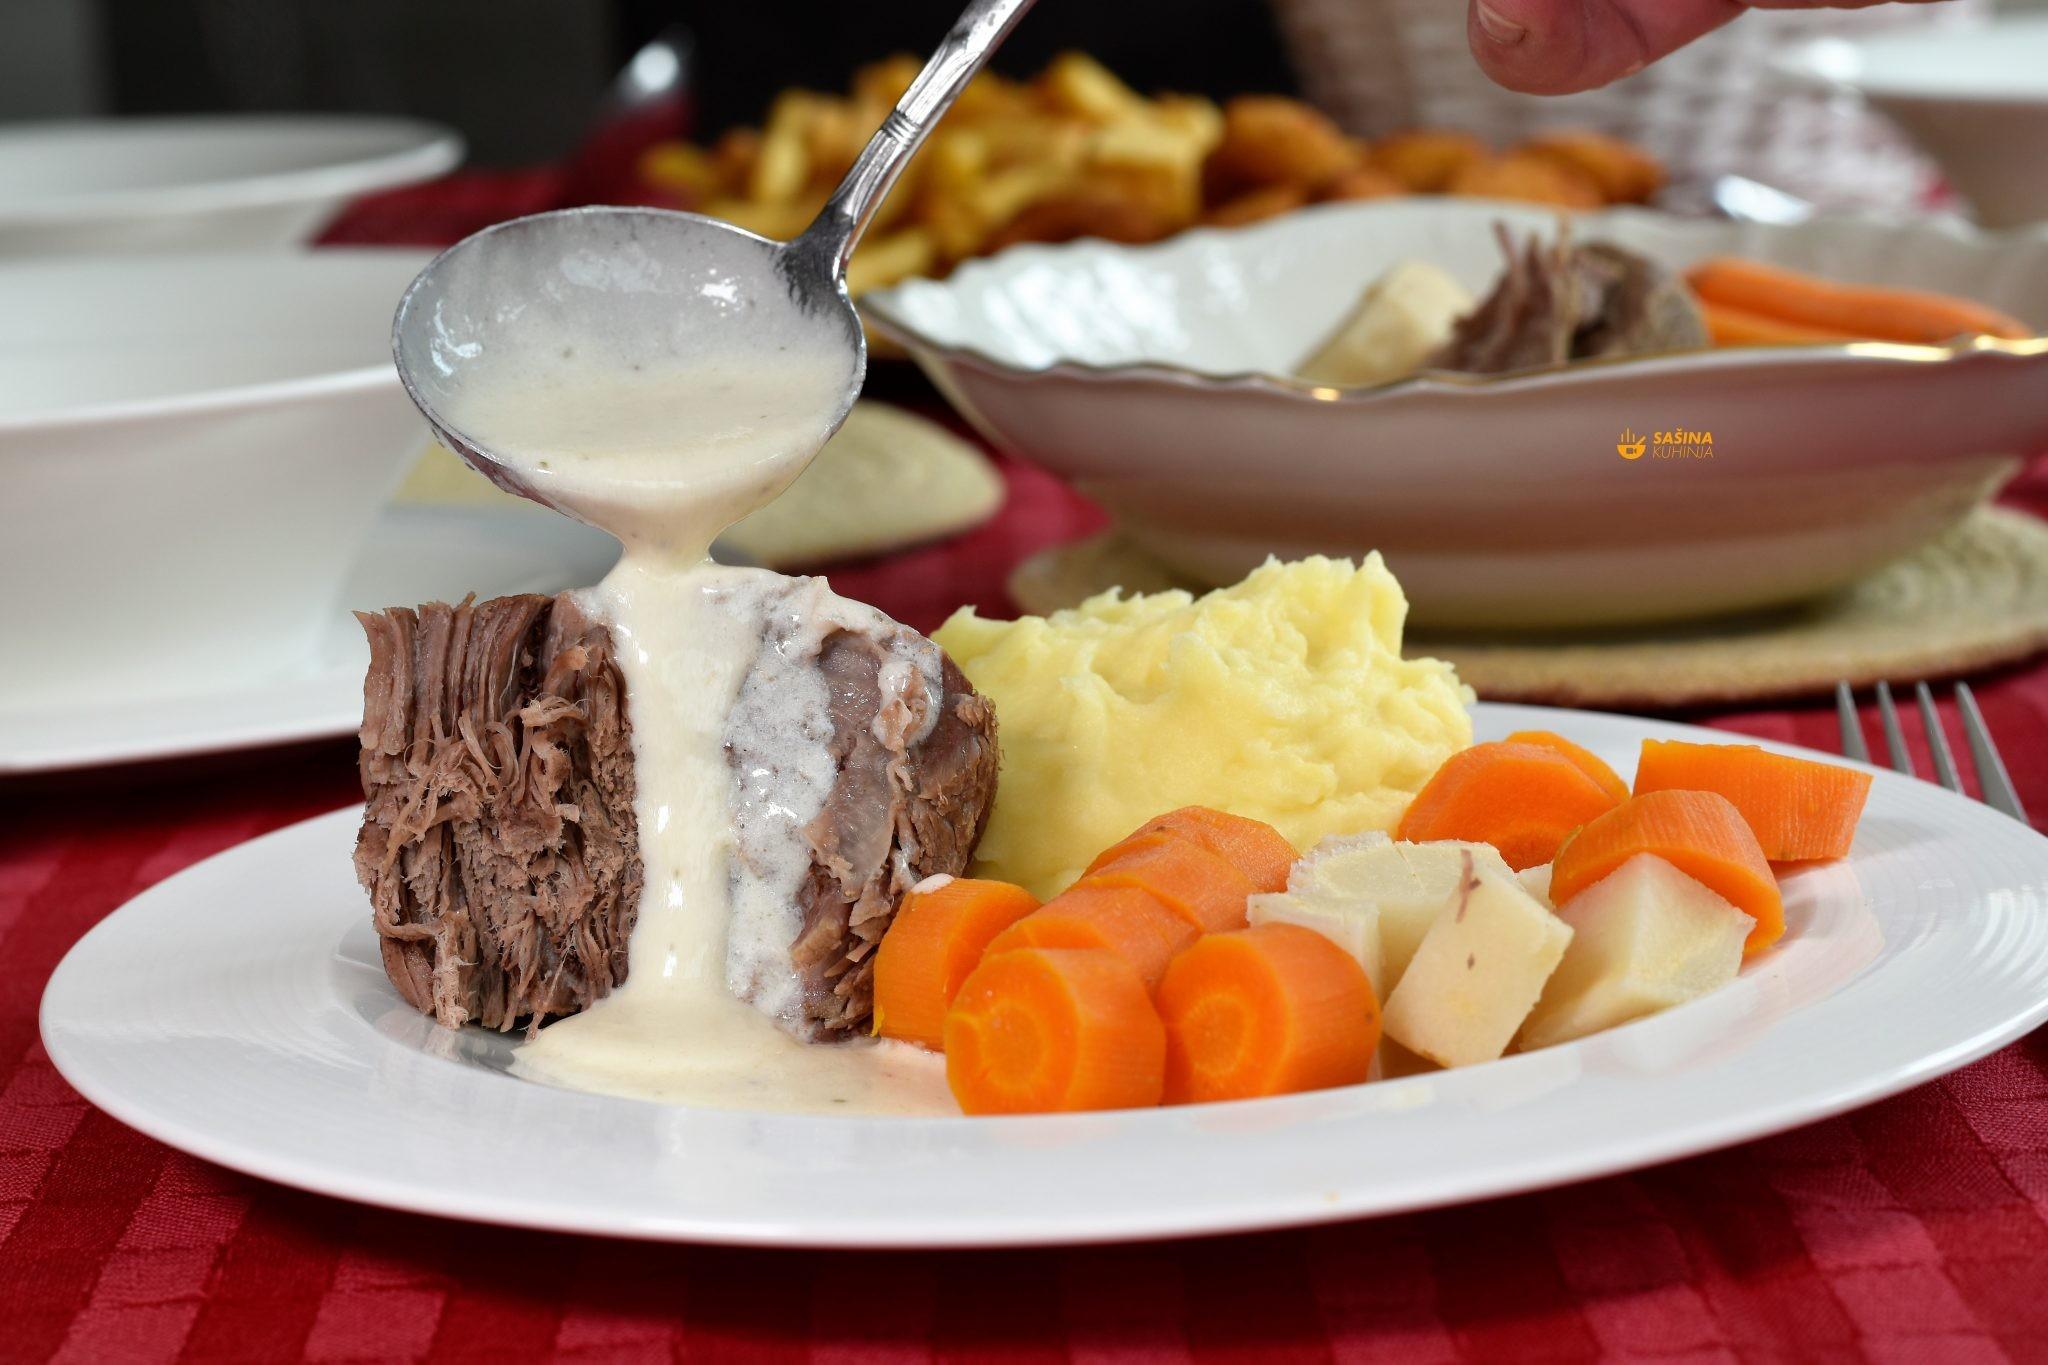 hren_umak_sos_horseradish_sauce